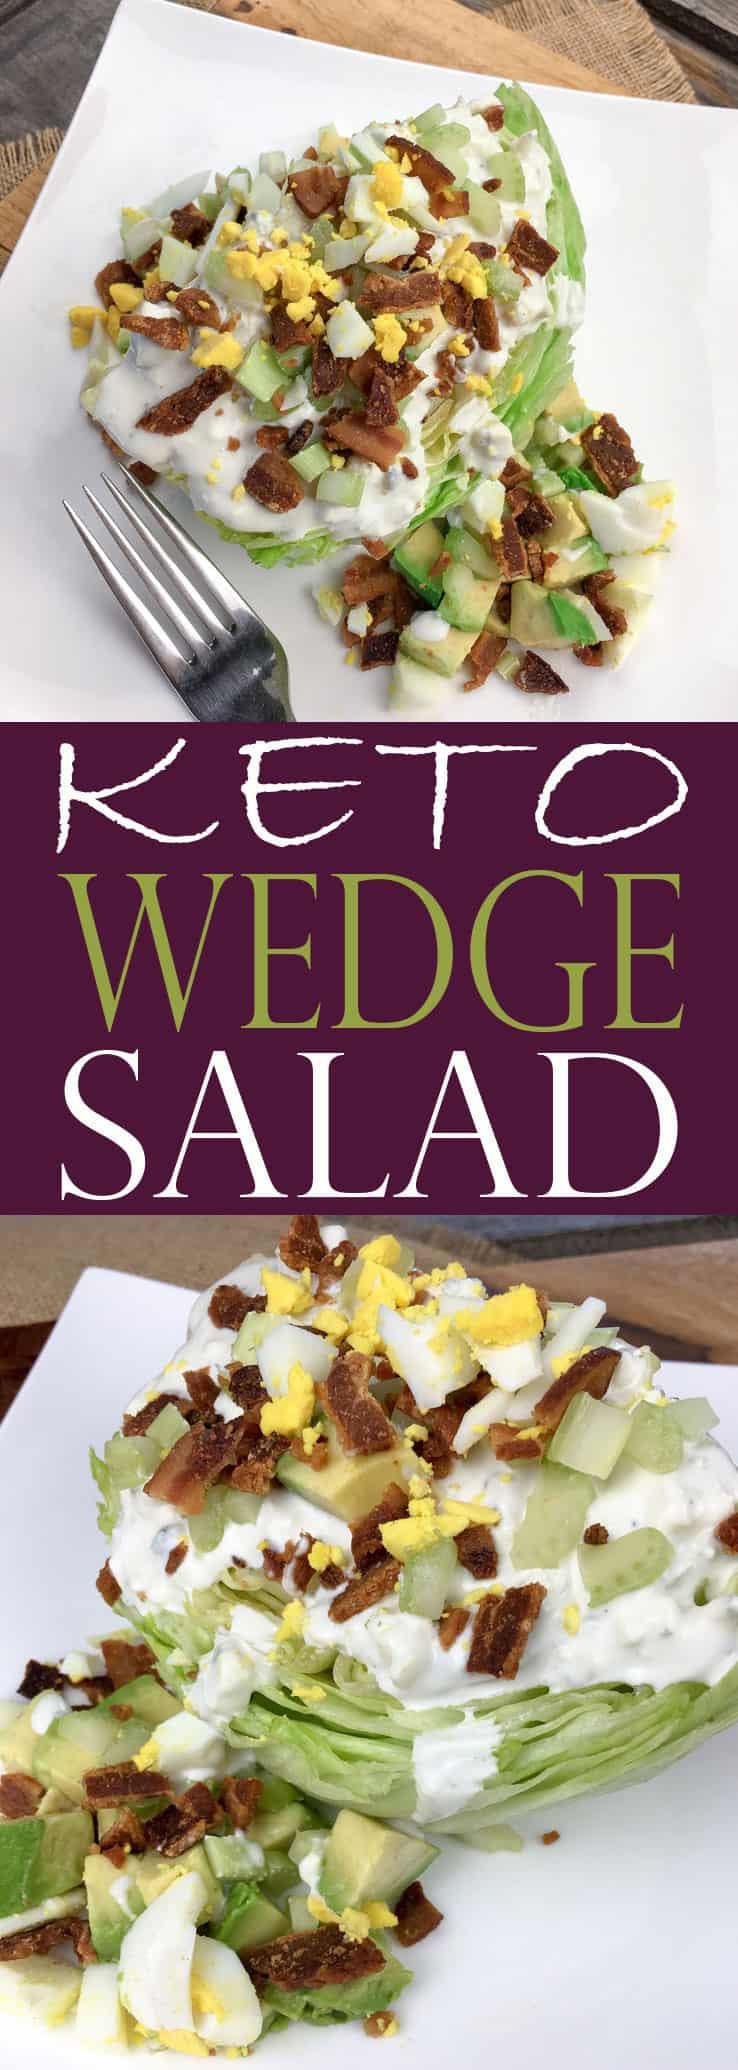 Blue Cheese Dressing Keto Diet  Keto Salad Wedge Salad with Homemade Blue Cheese Dressing